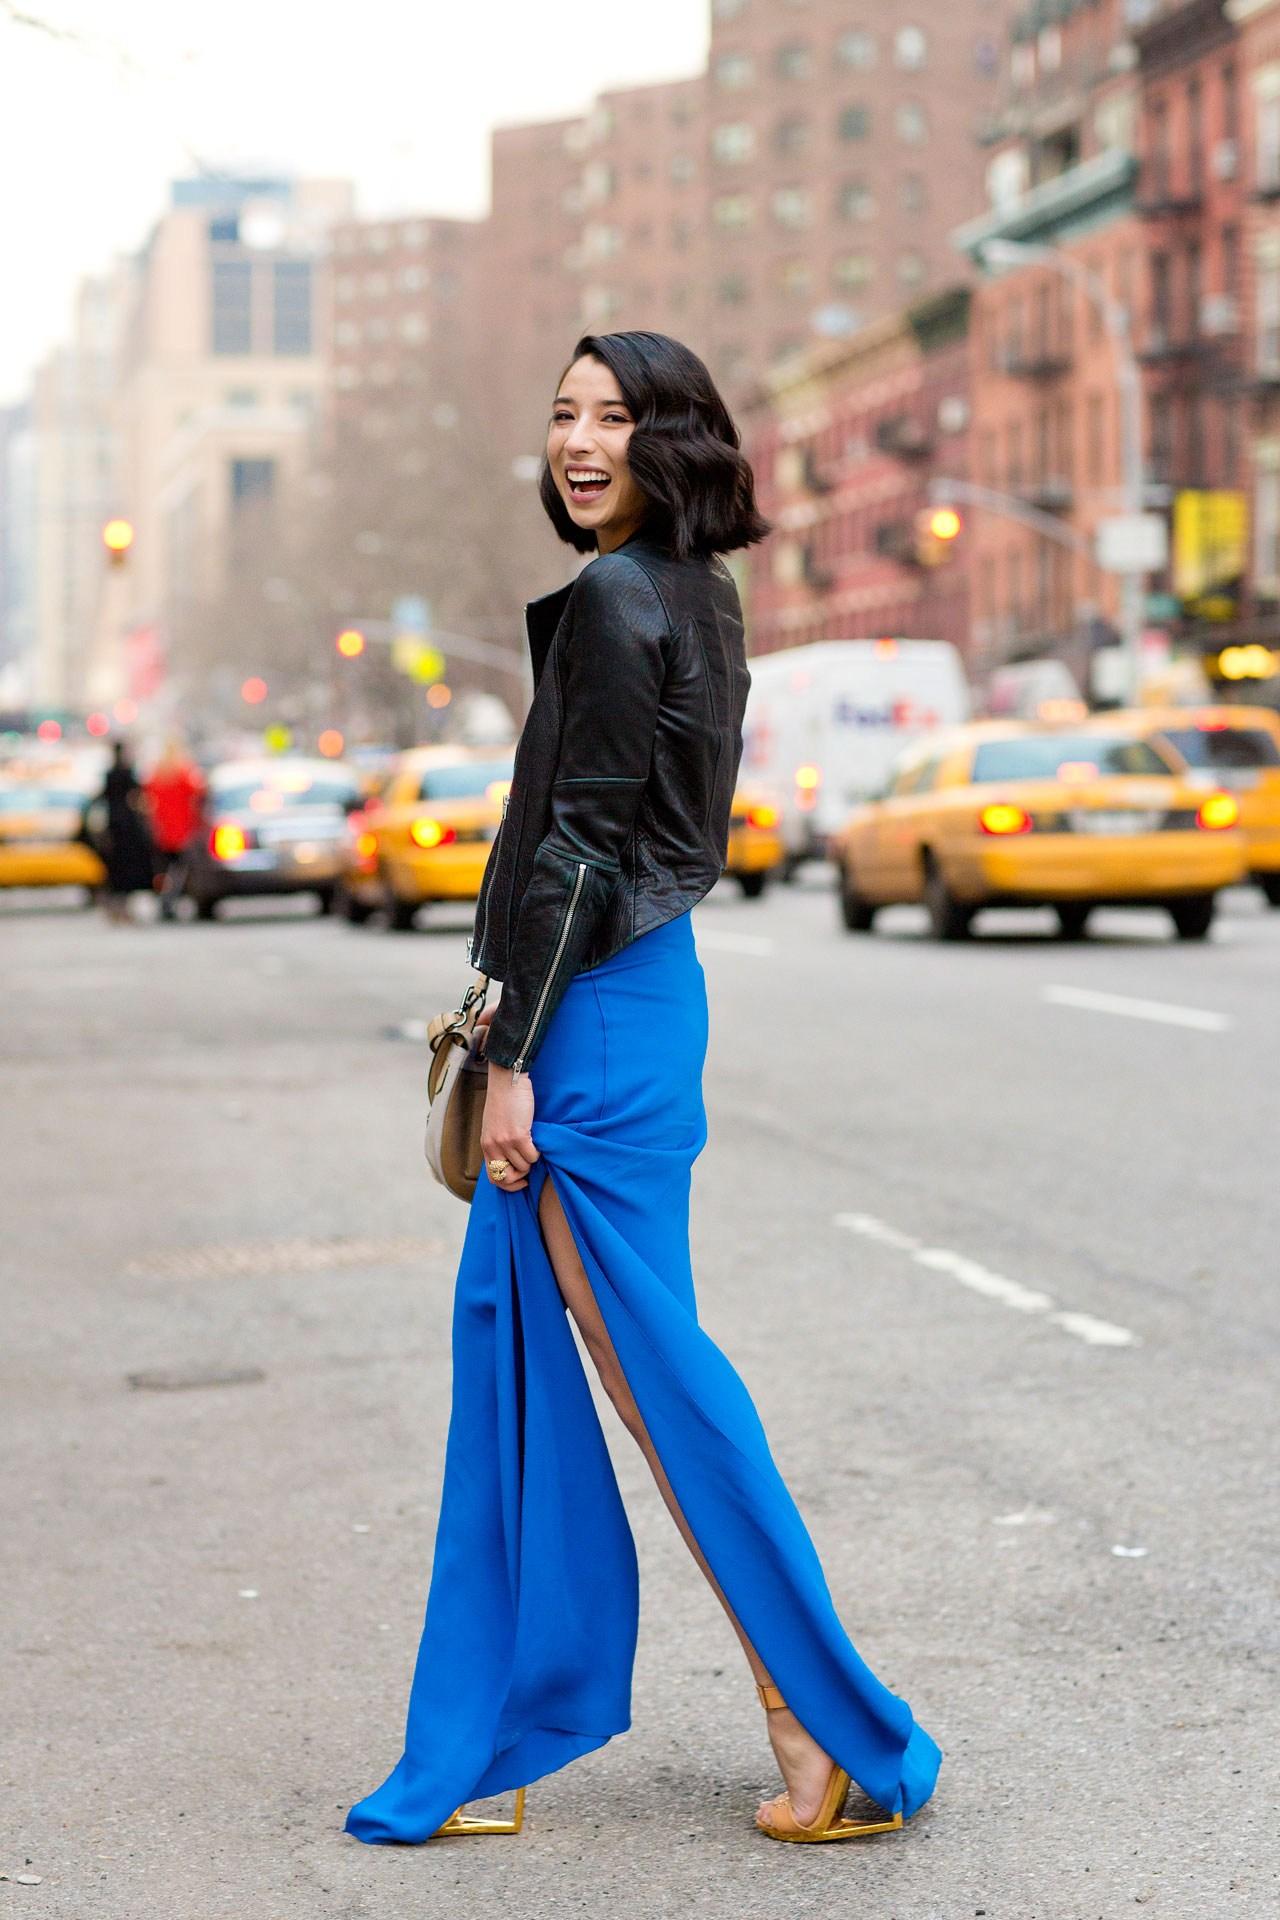 ef5f5771040c Come abbinare gli abiti lunghi  consigli per look fashion e di ...